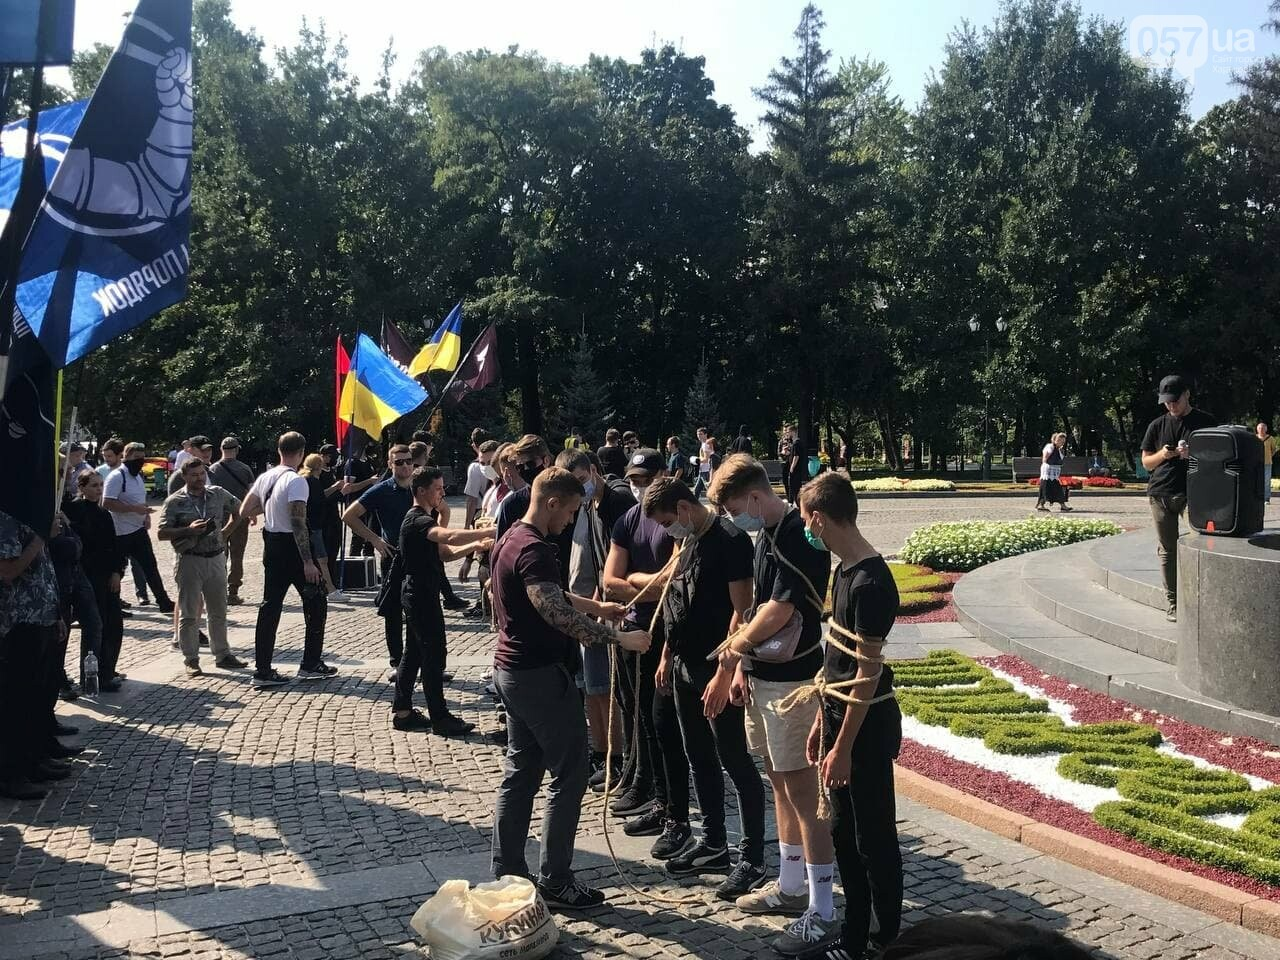 «Связанные» активисты и плакаты напротив дороги: в центре Харькова националисты митинговали против ЛГБТ-марша, - ФОТОРЕПОРТАЖ, фото-6